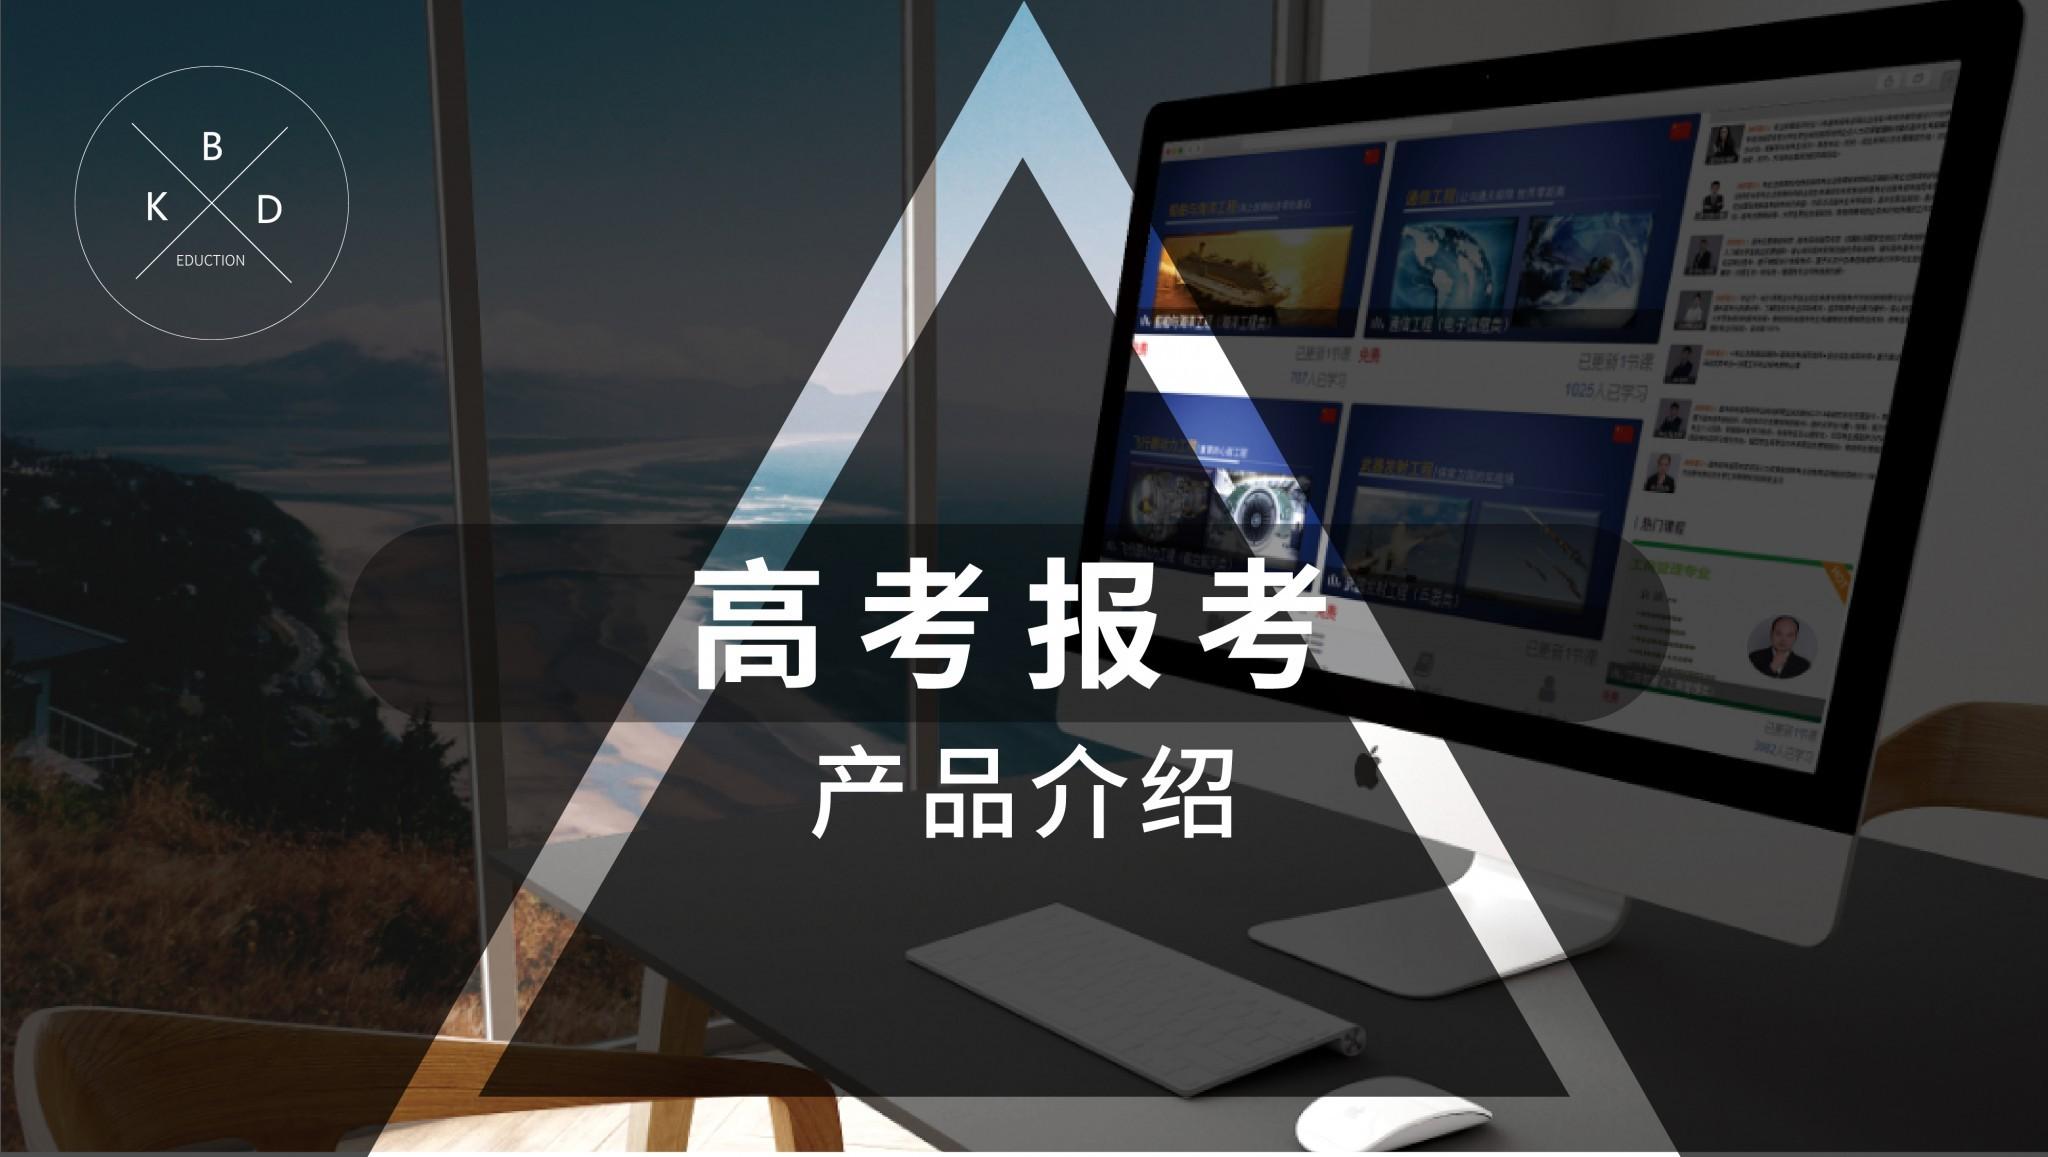 高考报考产品介绍-01